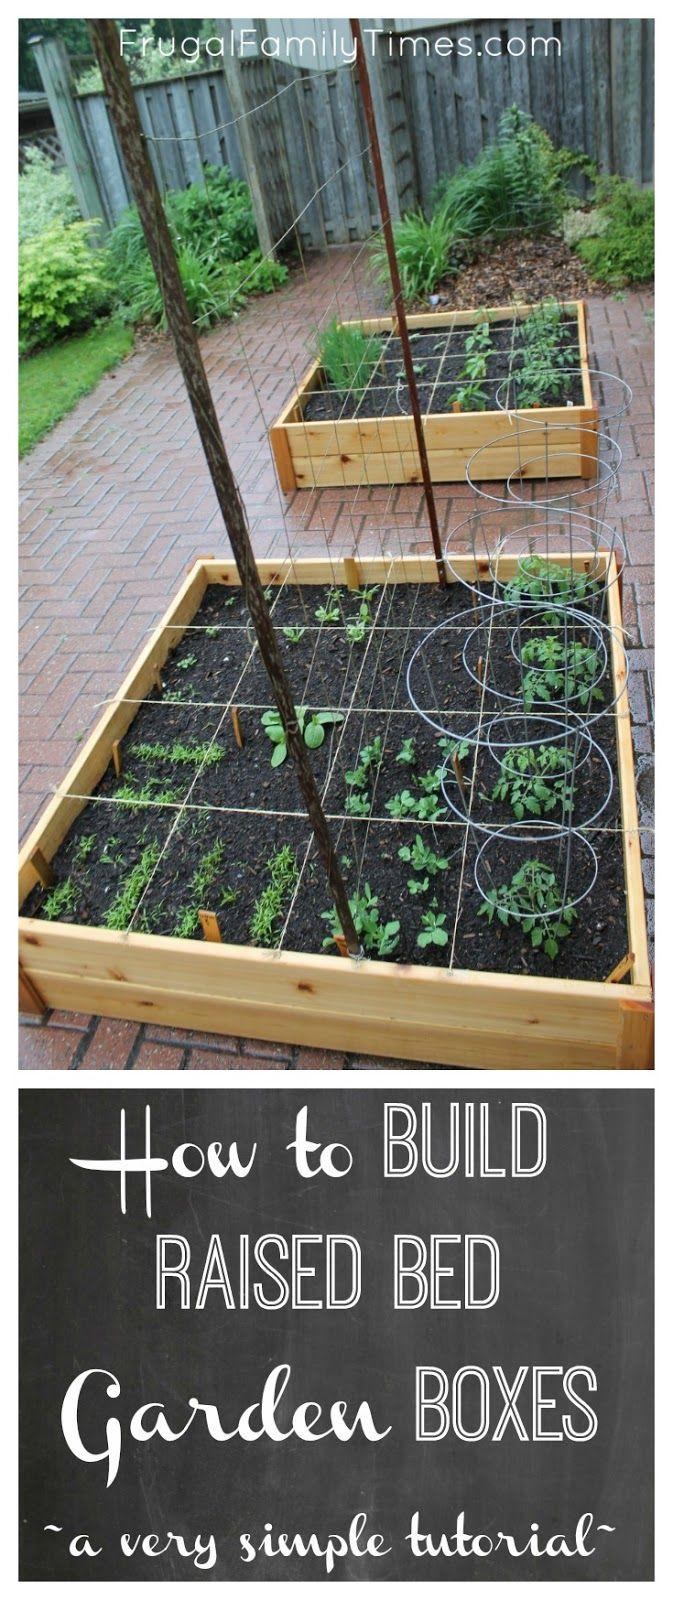 Best ideas about DIY Raised Garden Beds Cheap . Save or Pin 1000 ideas about Cheap Raised Garden Beds on Pinterest Now.